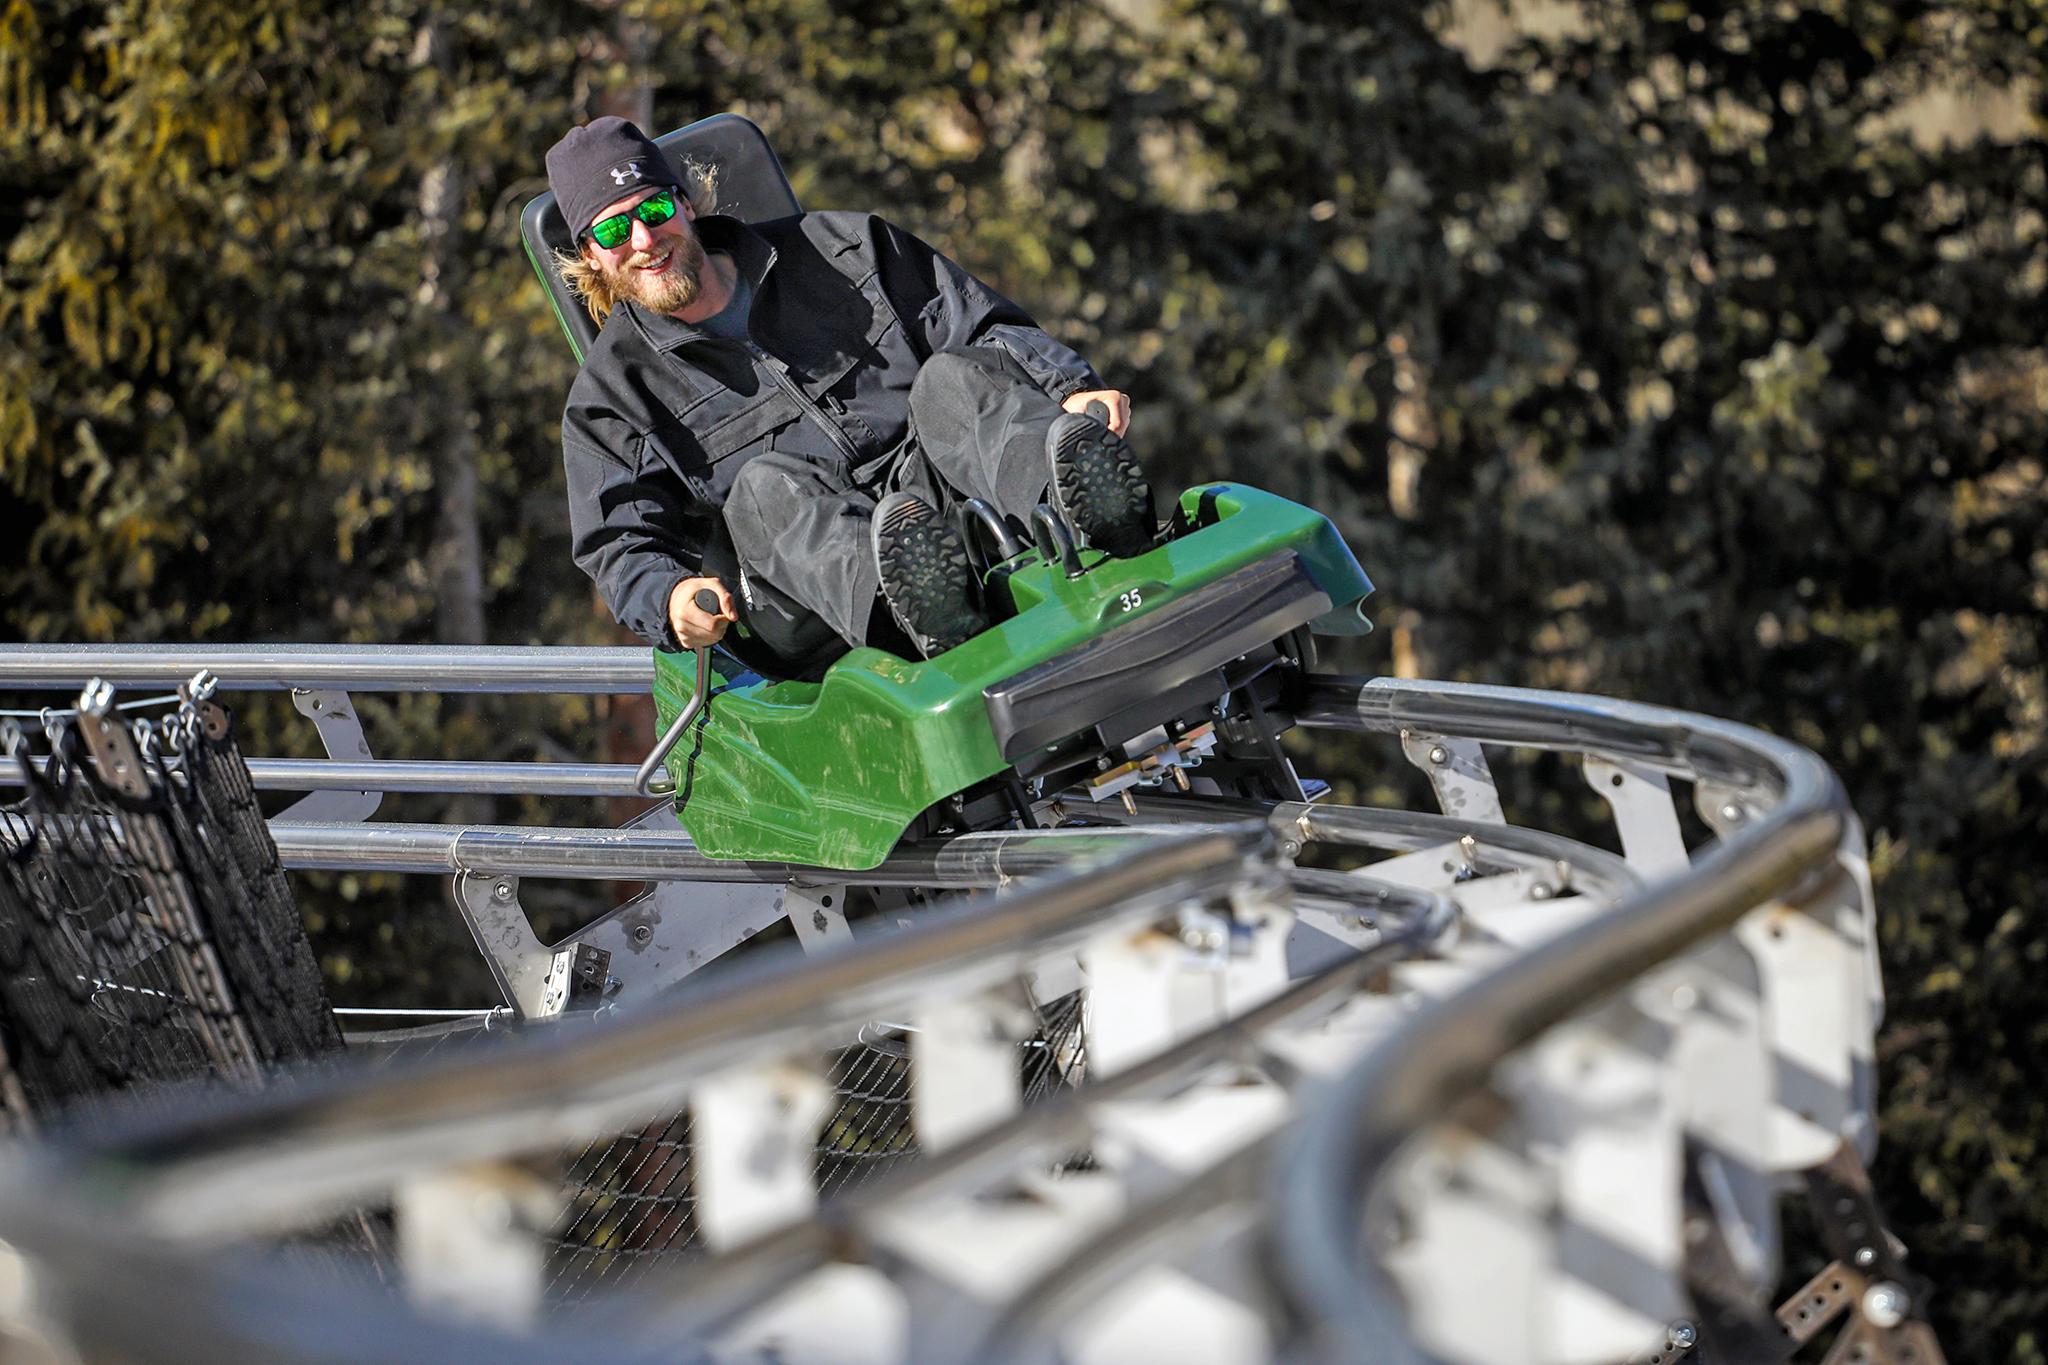 Colorado Mountain Coaster